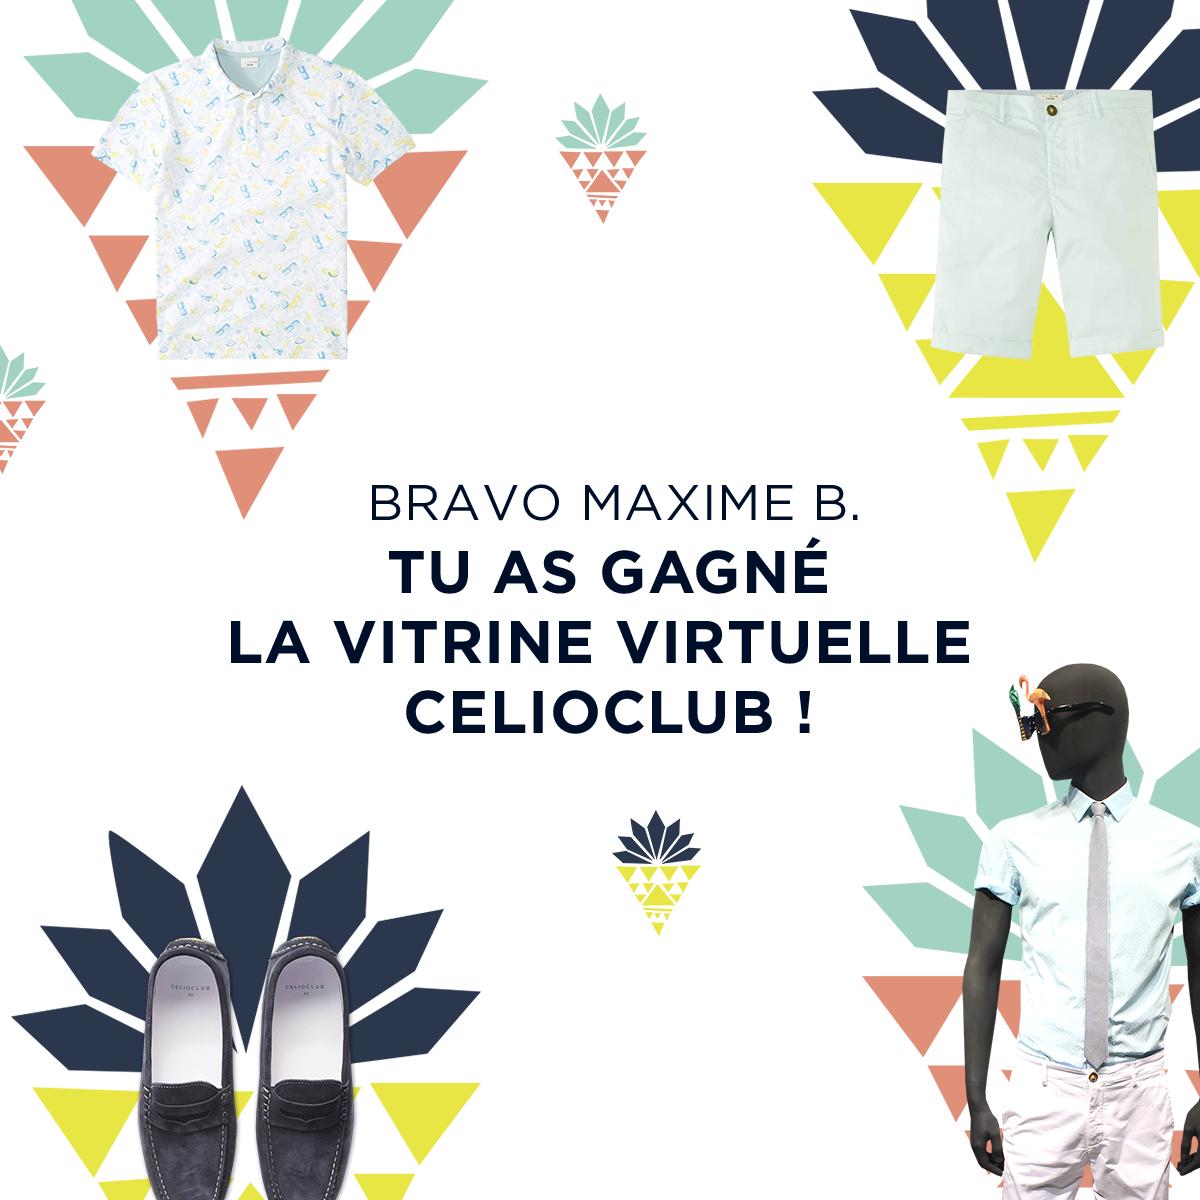 """Le #jeu #FêteDesPères continue en magasin: chuchote """"Je suis ton père""""à ton vendeur CELIOCLUB pour gagner la vitrine! http://t.co/EAmGuwK60q"""